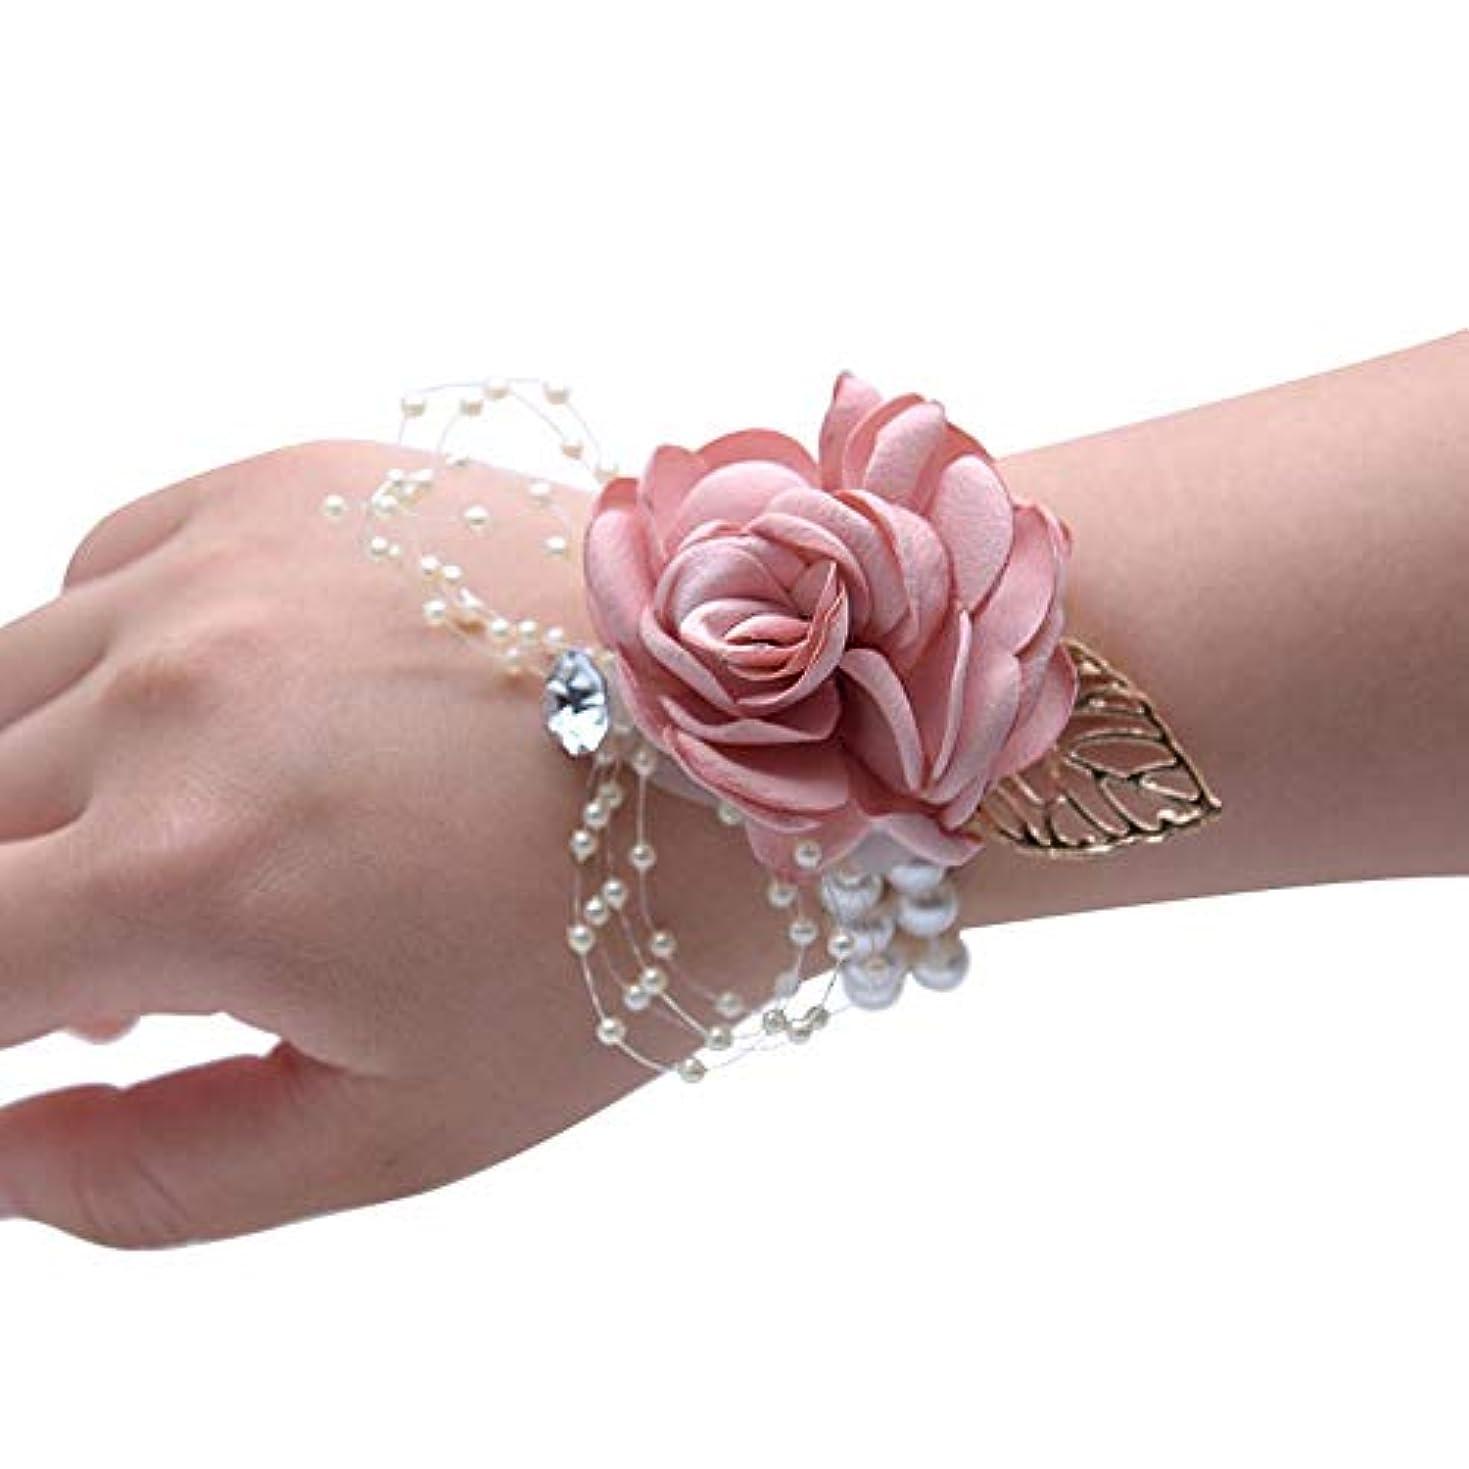 チャネルコーンウォール閲覧するMerssavo 手首の花 - 女の子チャーム手首コサージュブレスレット花嫁介添人姉妹の手の花のどの真珠の結婚式、ピンク